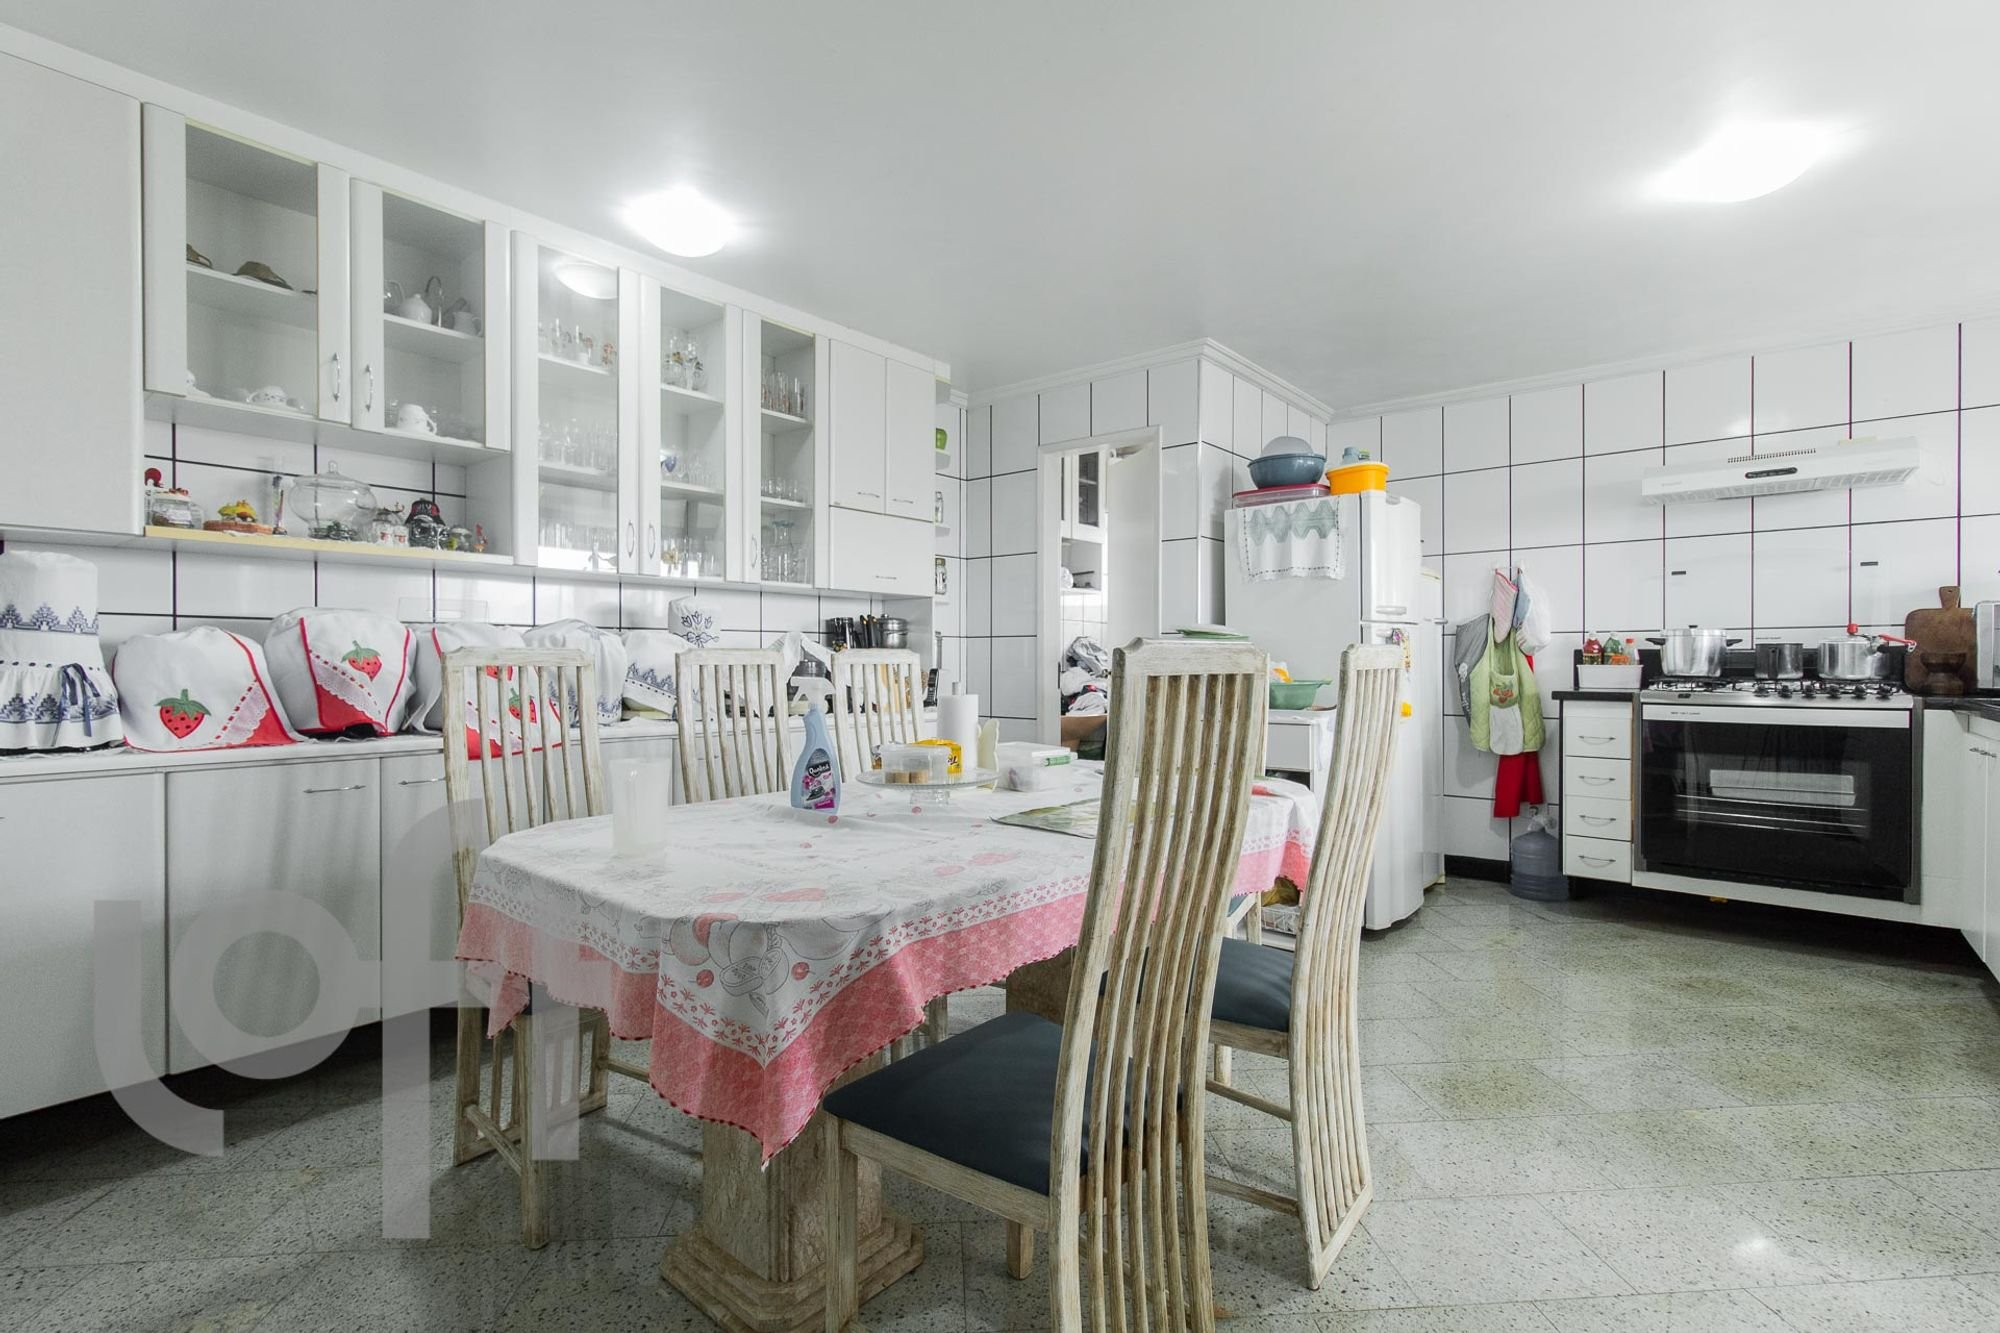 Foto de Cozinha com forno, cadeira, mesa de jantar, garrafa, tigela, geladeira, xícara